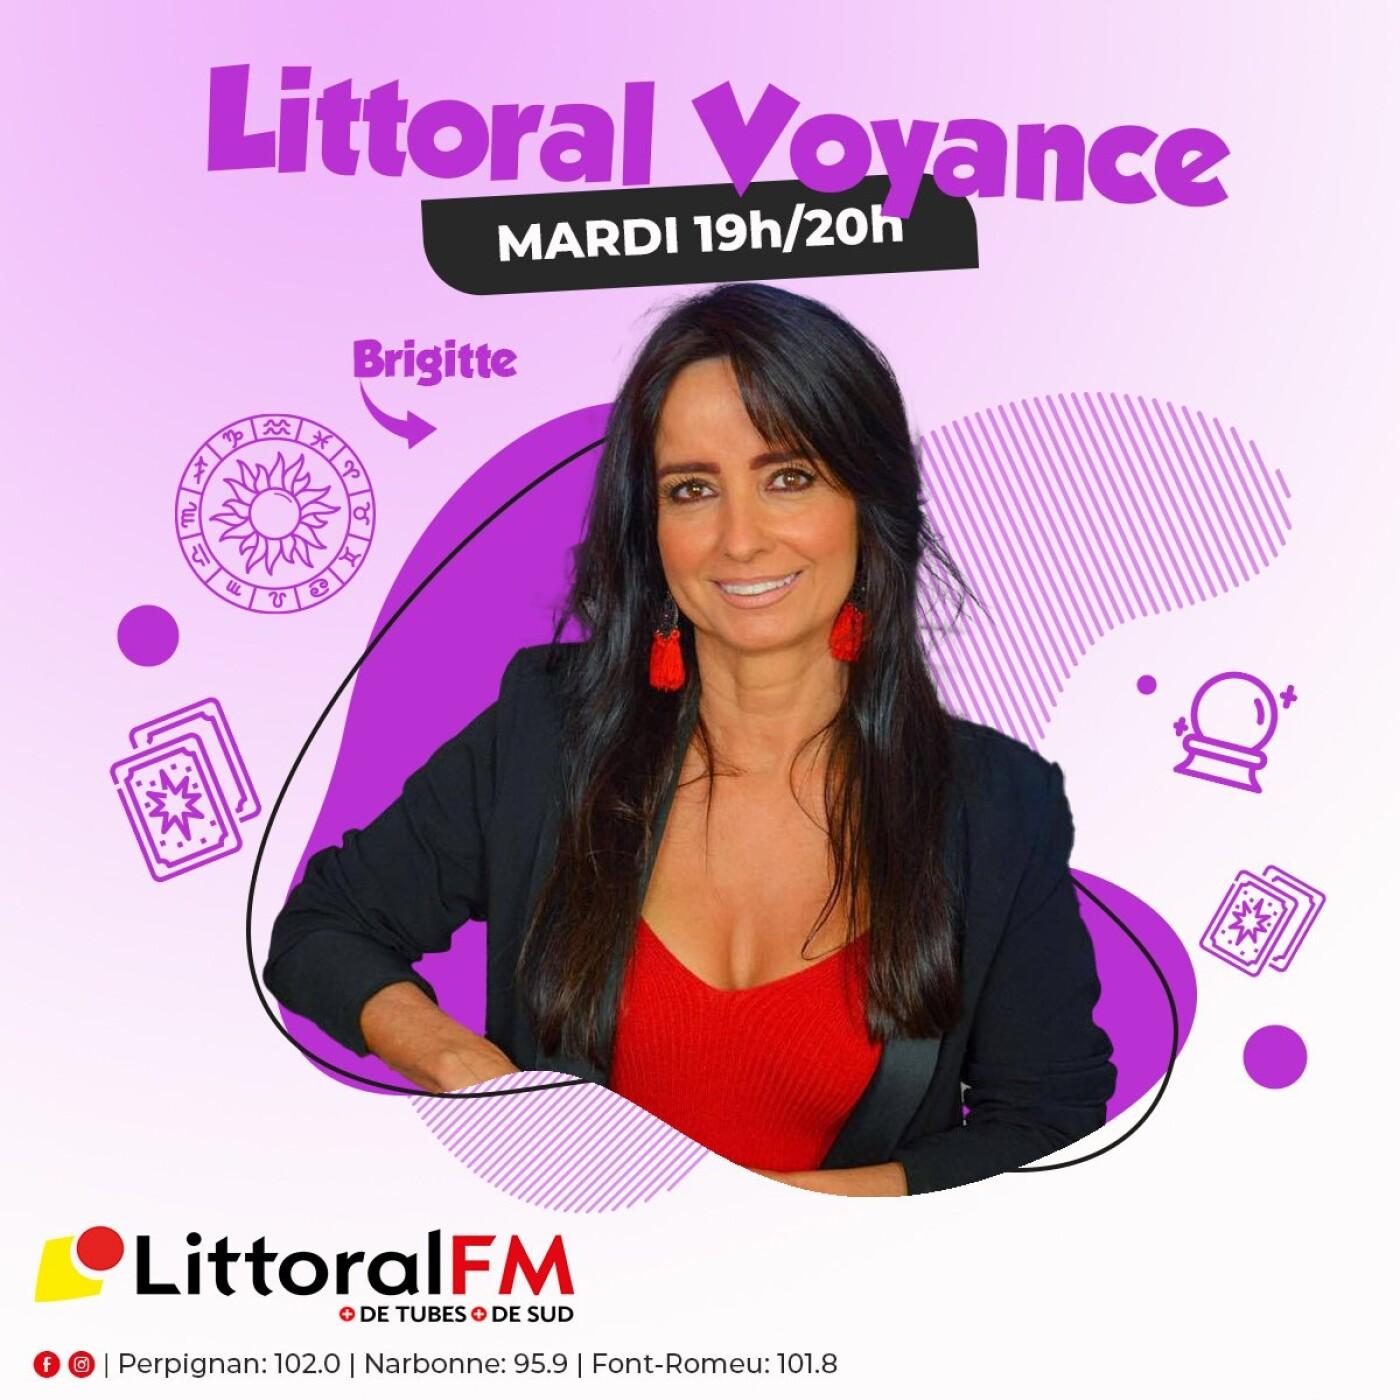 Saison 2 Littoral Voyance : l'intégrale du mardi 12 octobre